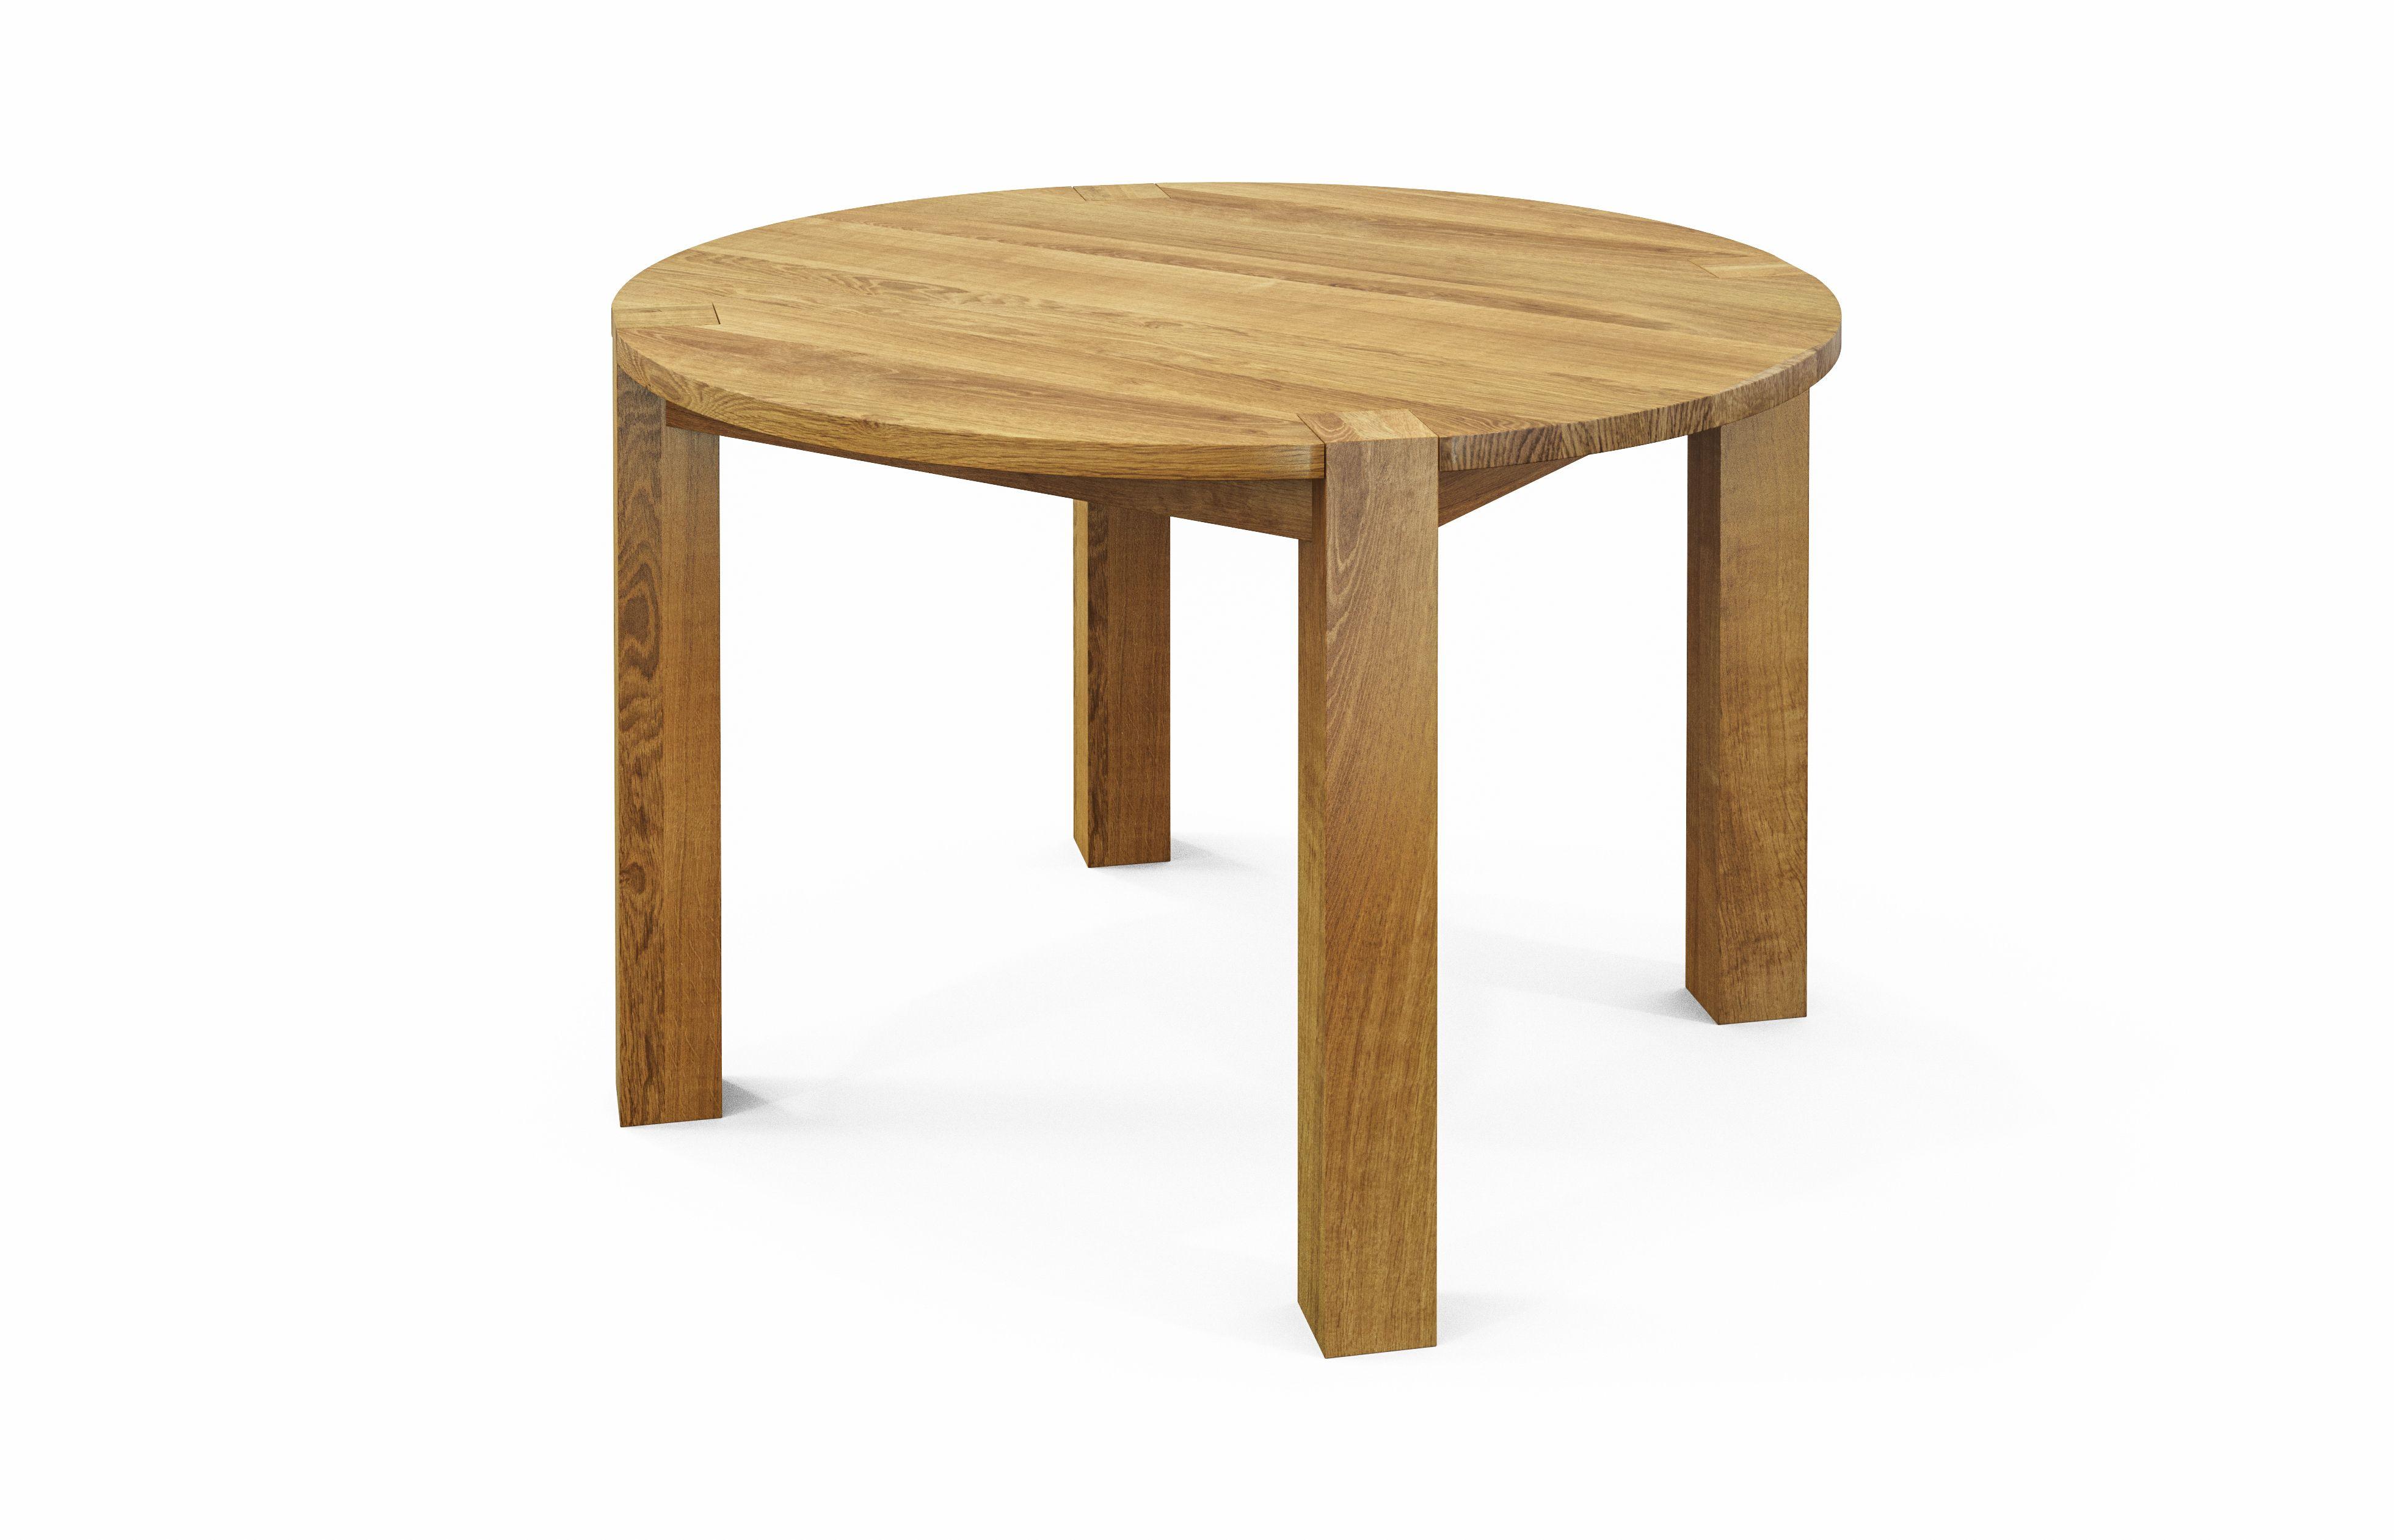 runder esstisch ole mit zarge aus massivholz comnata esstisch runderesstisch. Black Bedroom Furniture Sets. Home Design Ideas